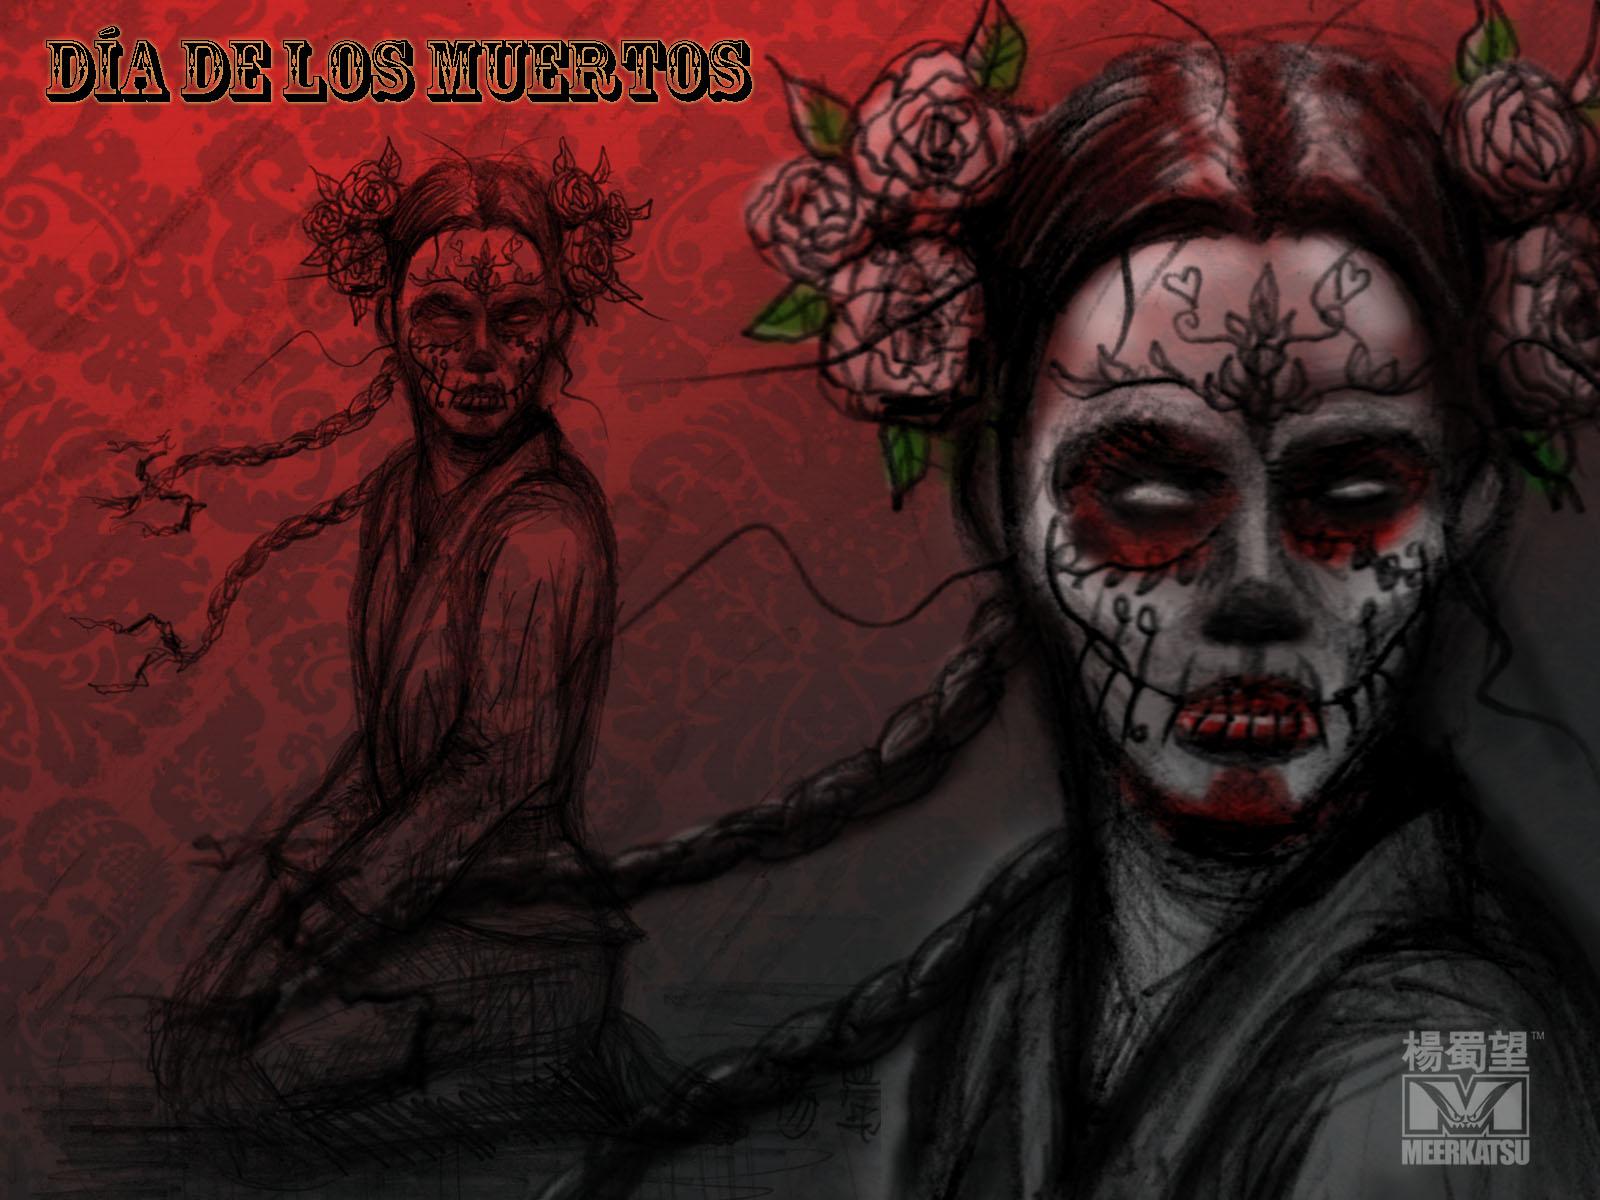 http://3.bp.blogspot.com/-lpmm4ovQnCU/UIxcBnMkJKI/AAAAAAAAEhE/ExlLEqASGeI/s1600/Day+of+the+dead+-+wallpaper+1600x1200.jpg